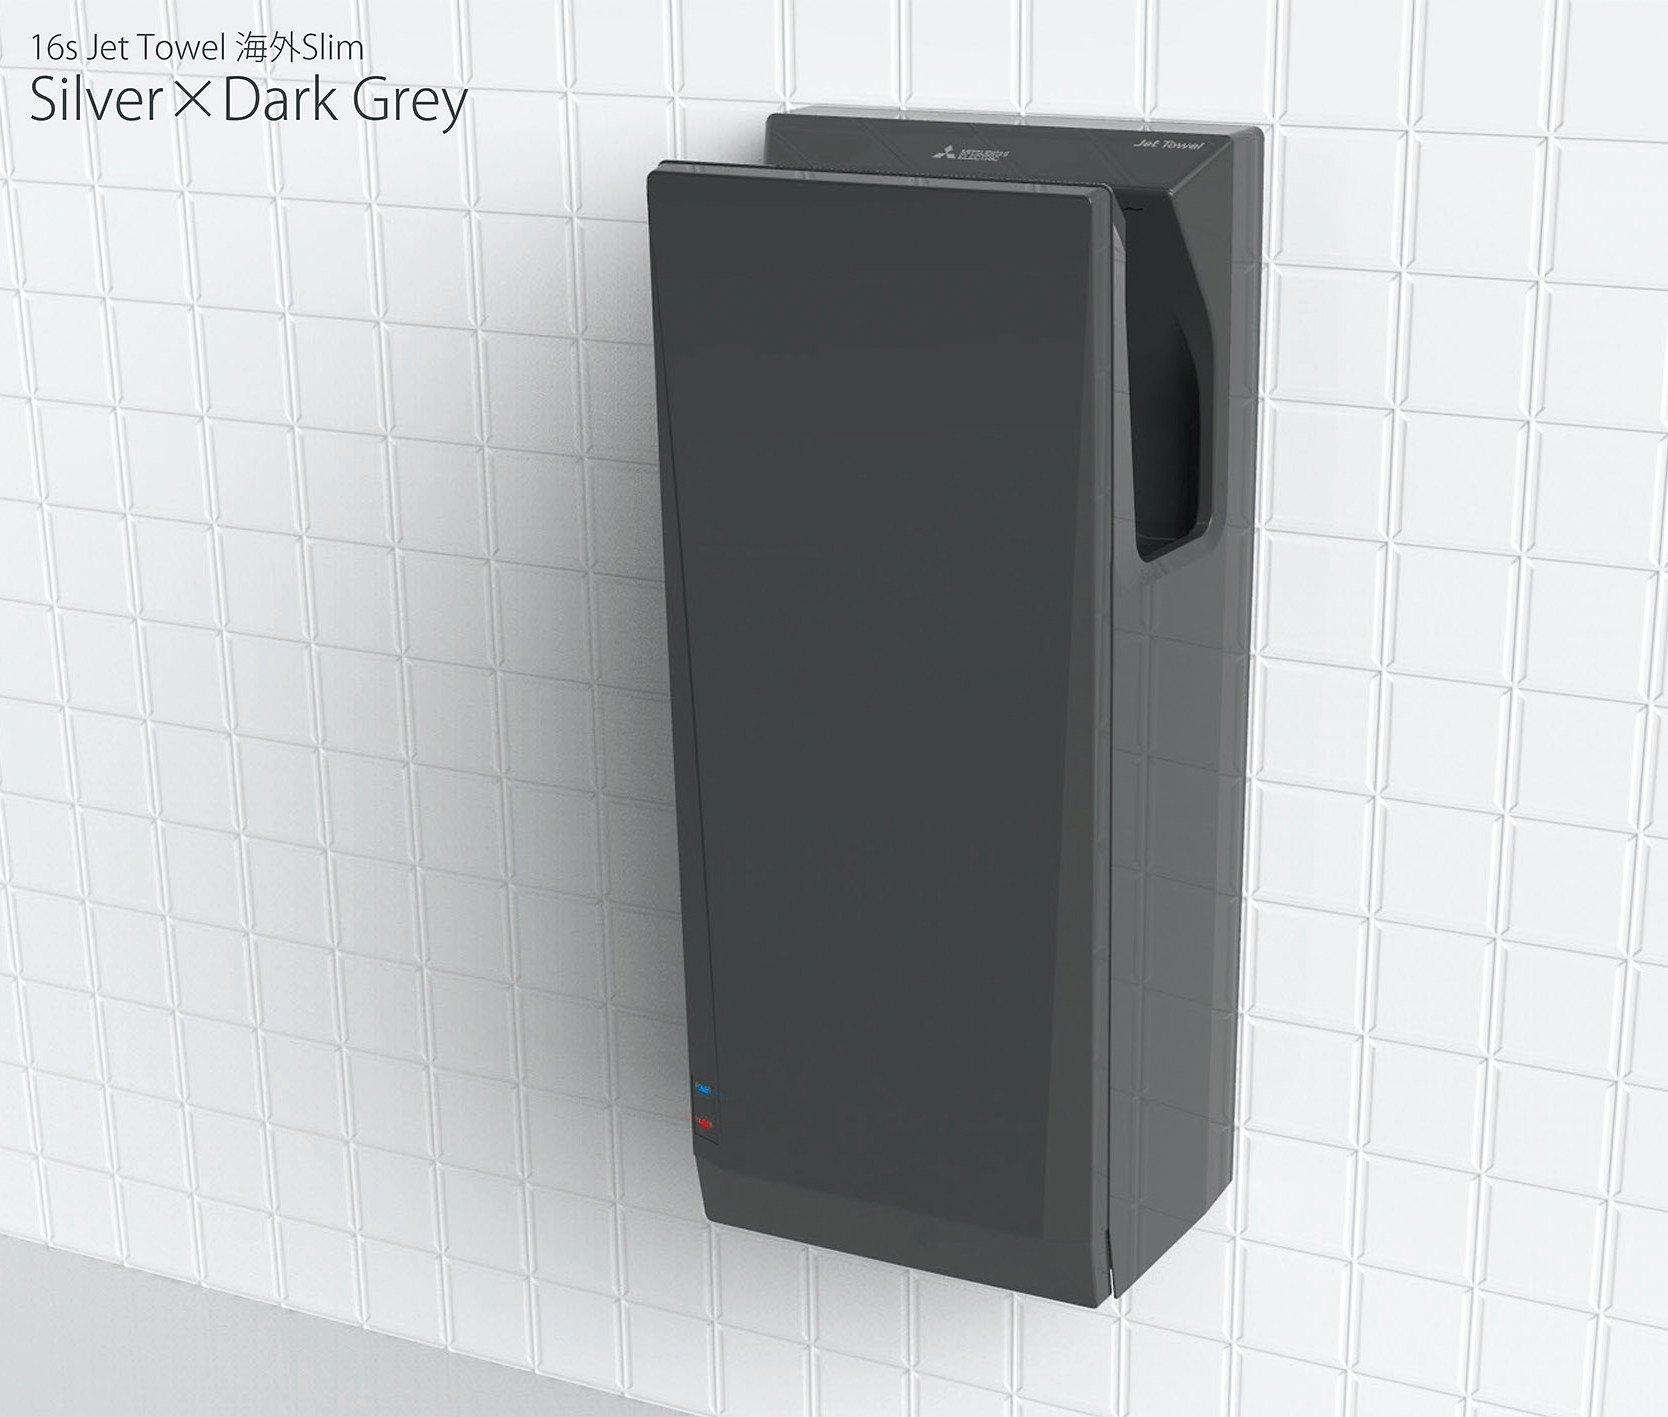 mitsubishi jet towel hand dryer heated black. Black Bedroom Furniture Sets. Home Design Ideas